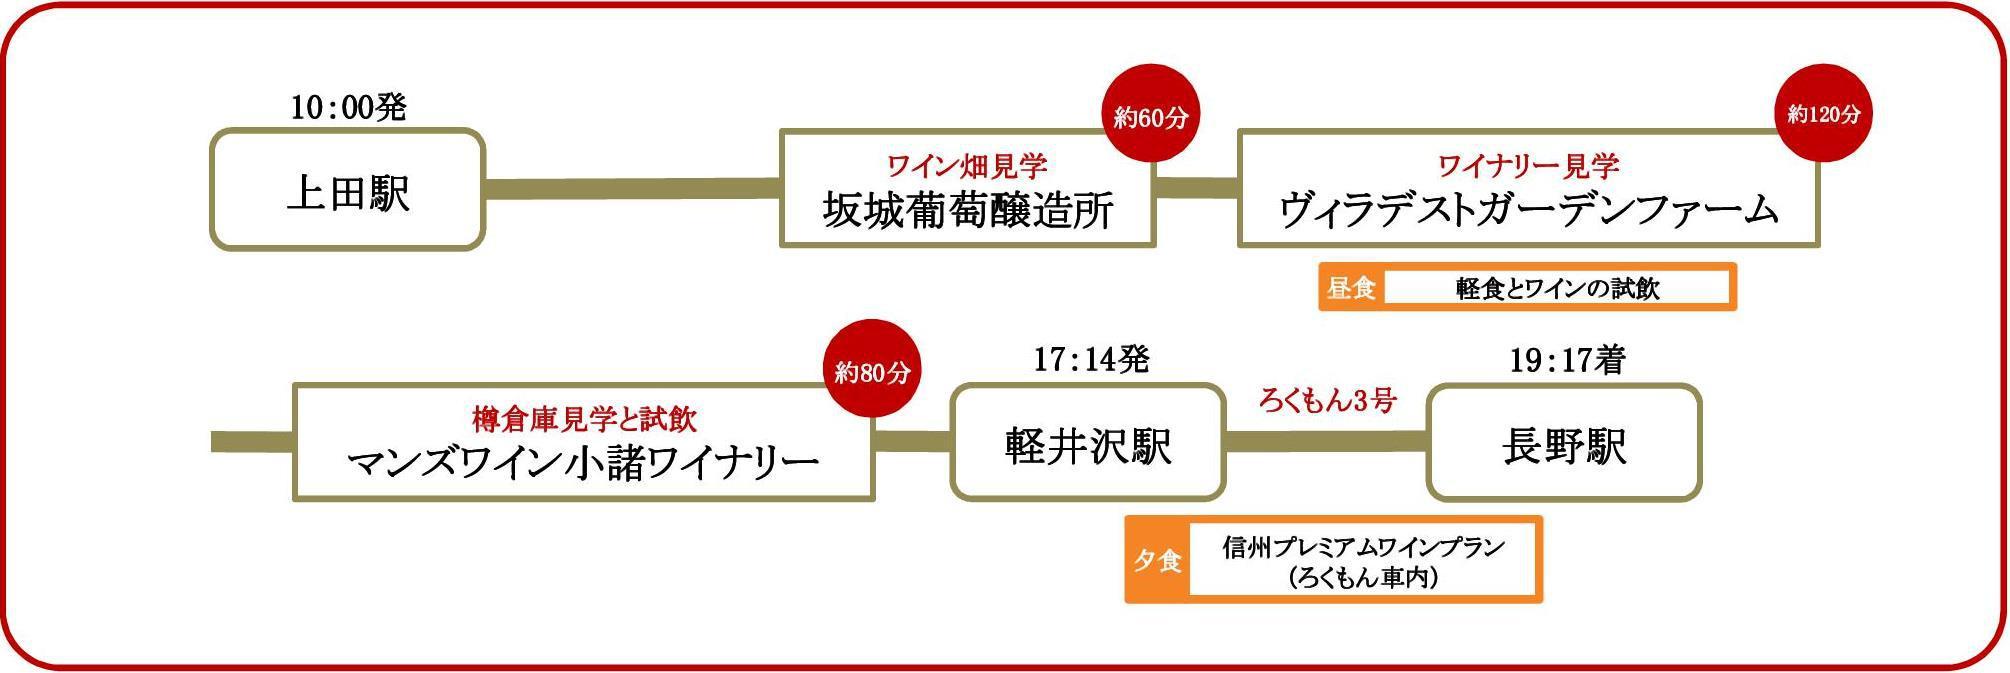 クルーズプラン工程表2